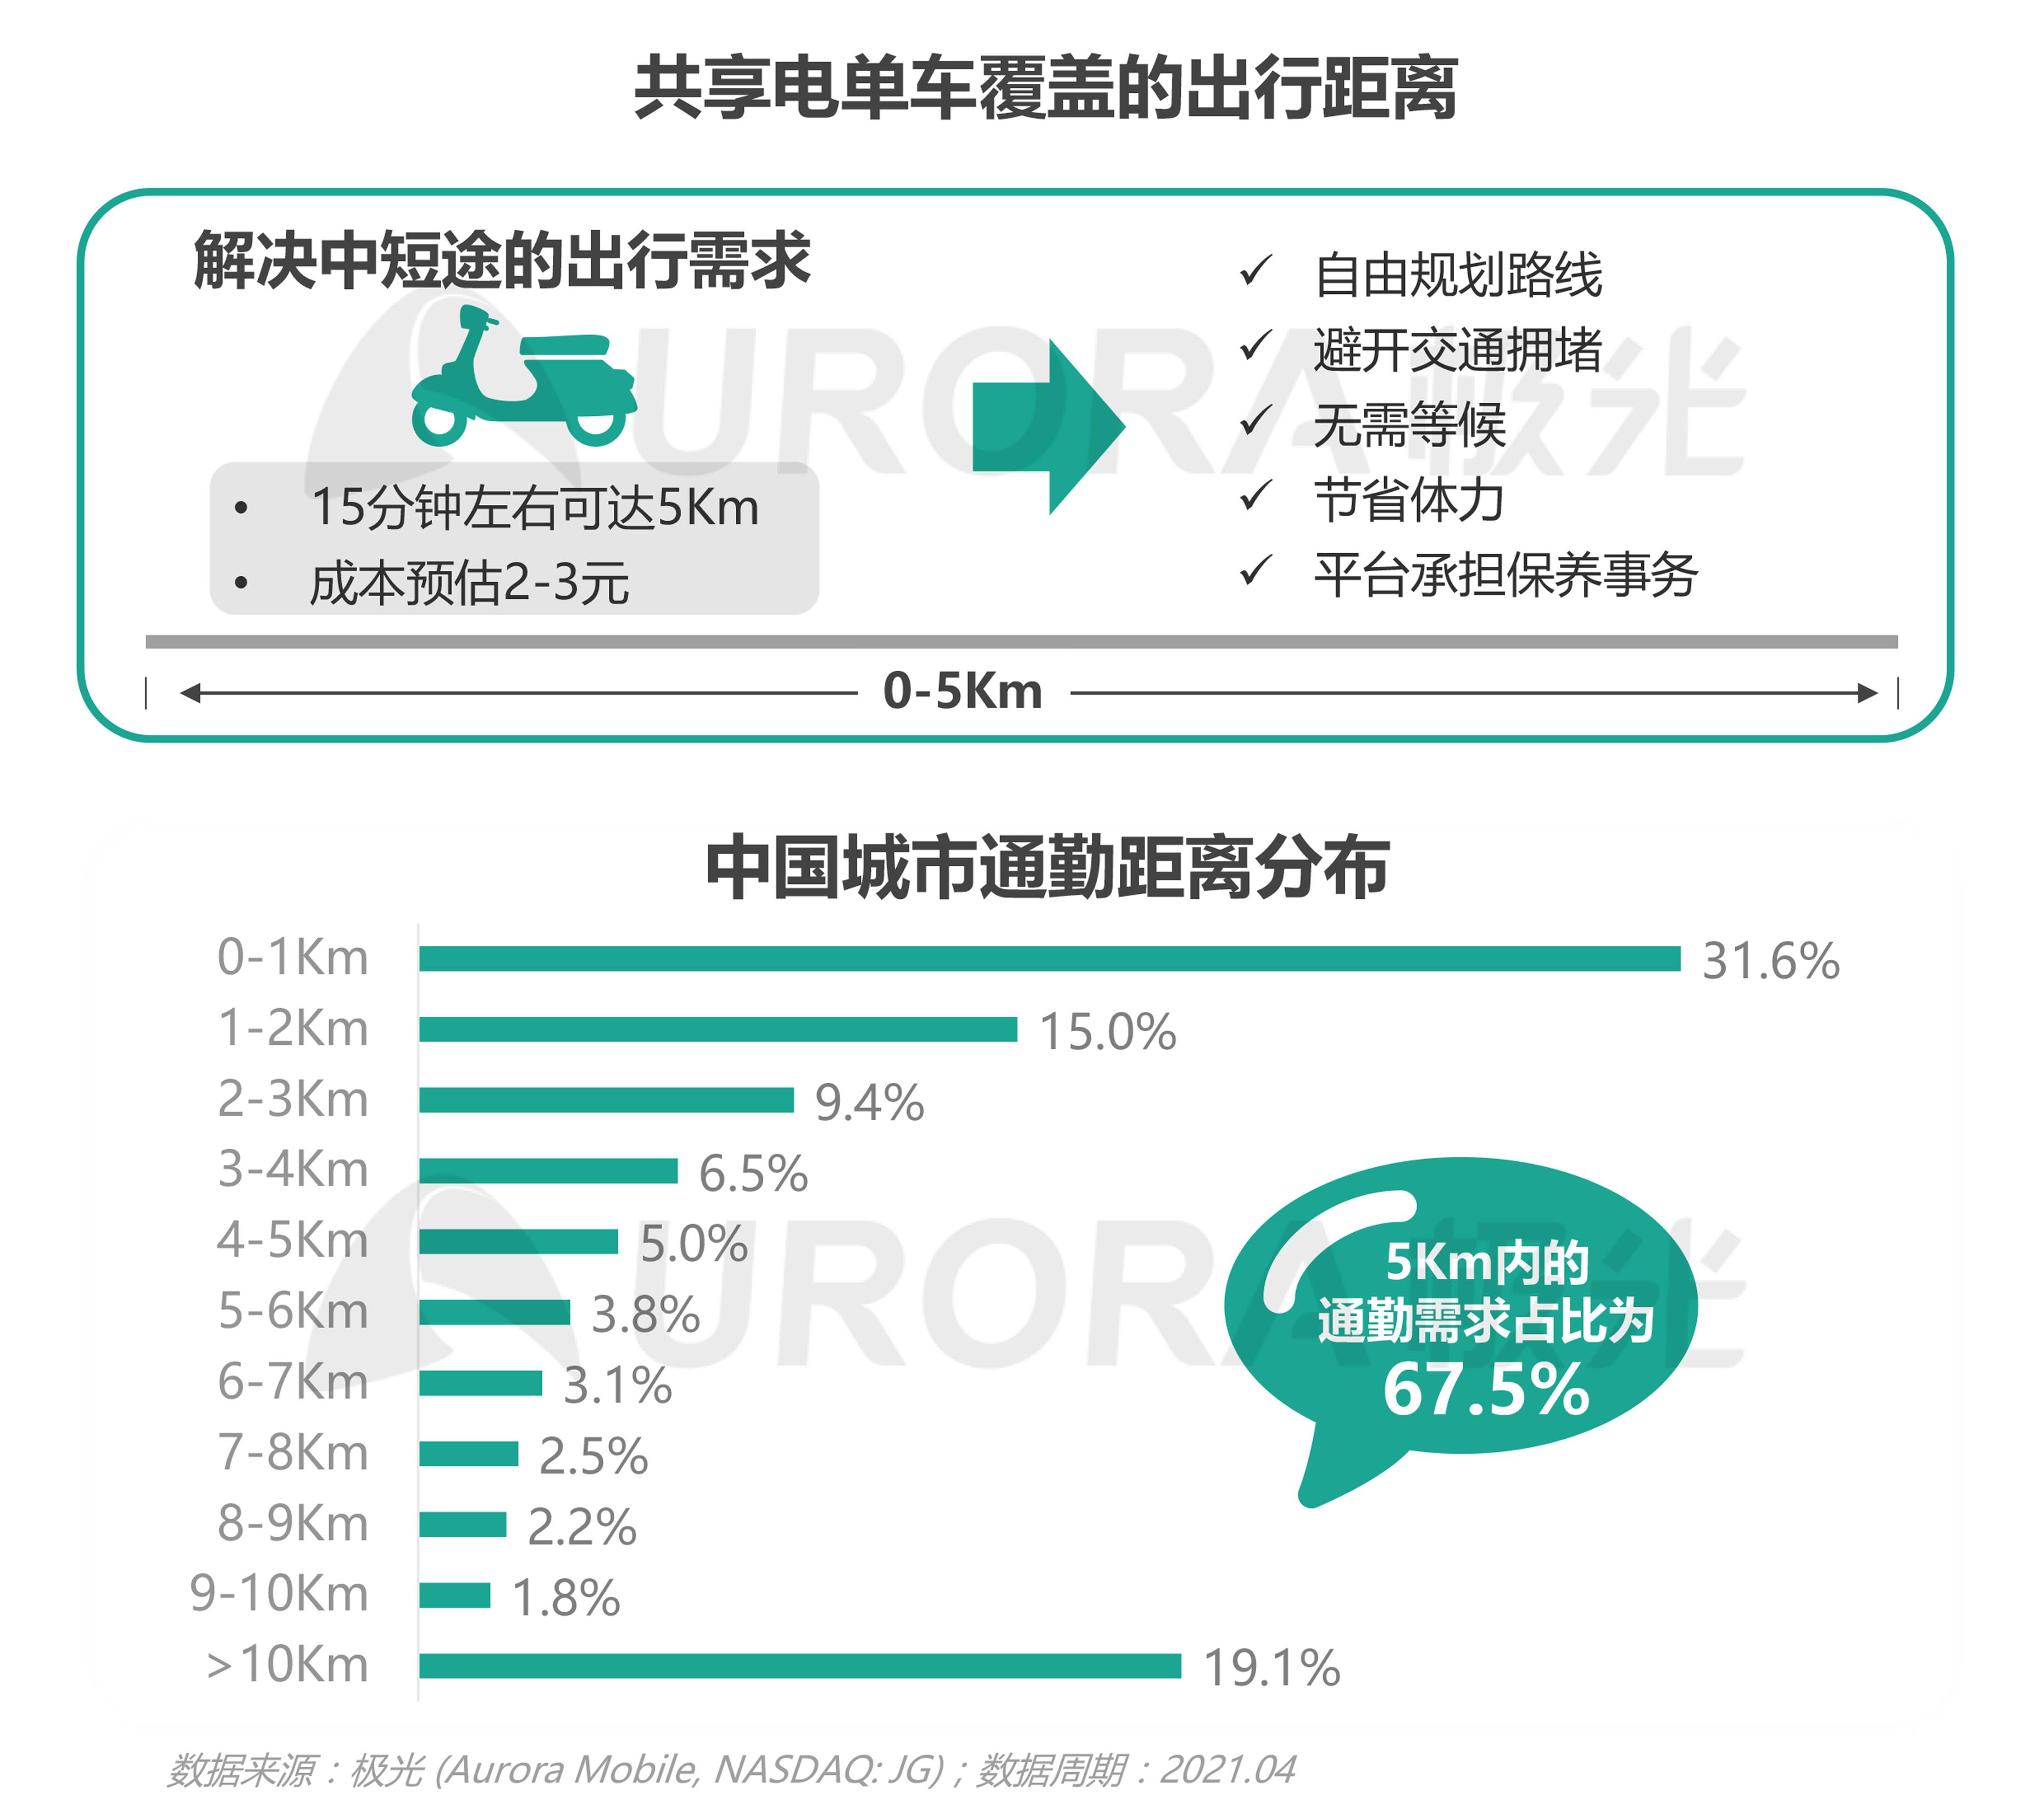 JIGUANG-共享电单车社会价值研究报告_0528(终版)-16.png